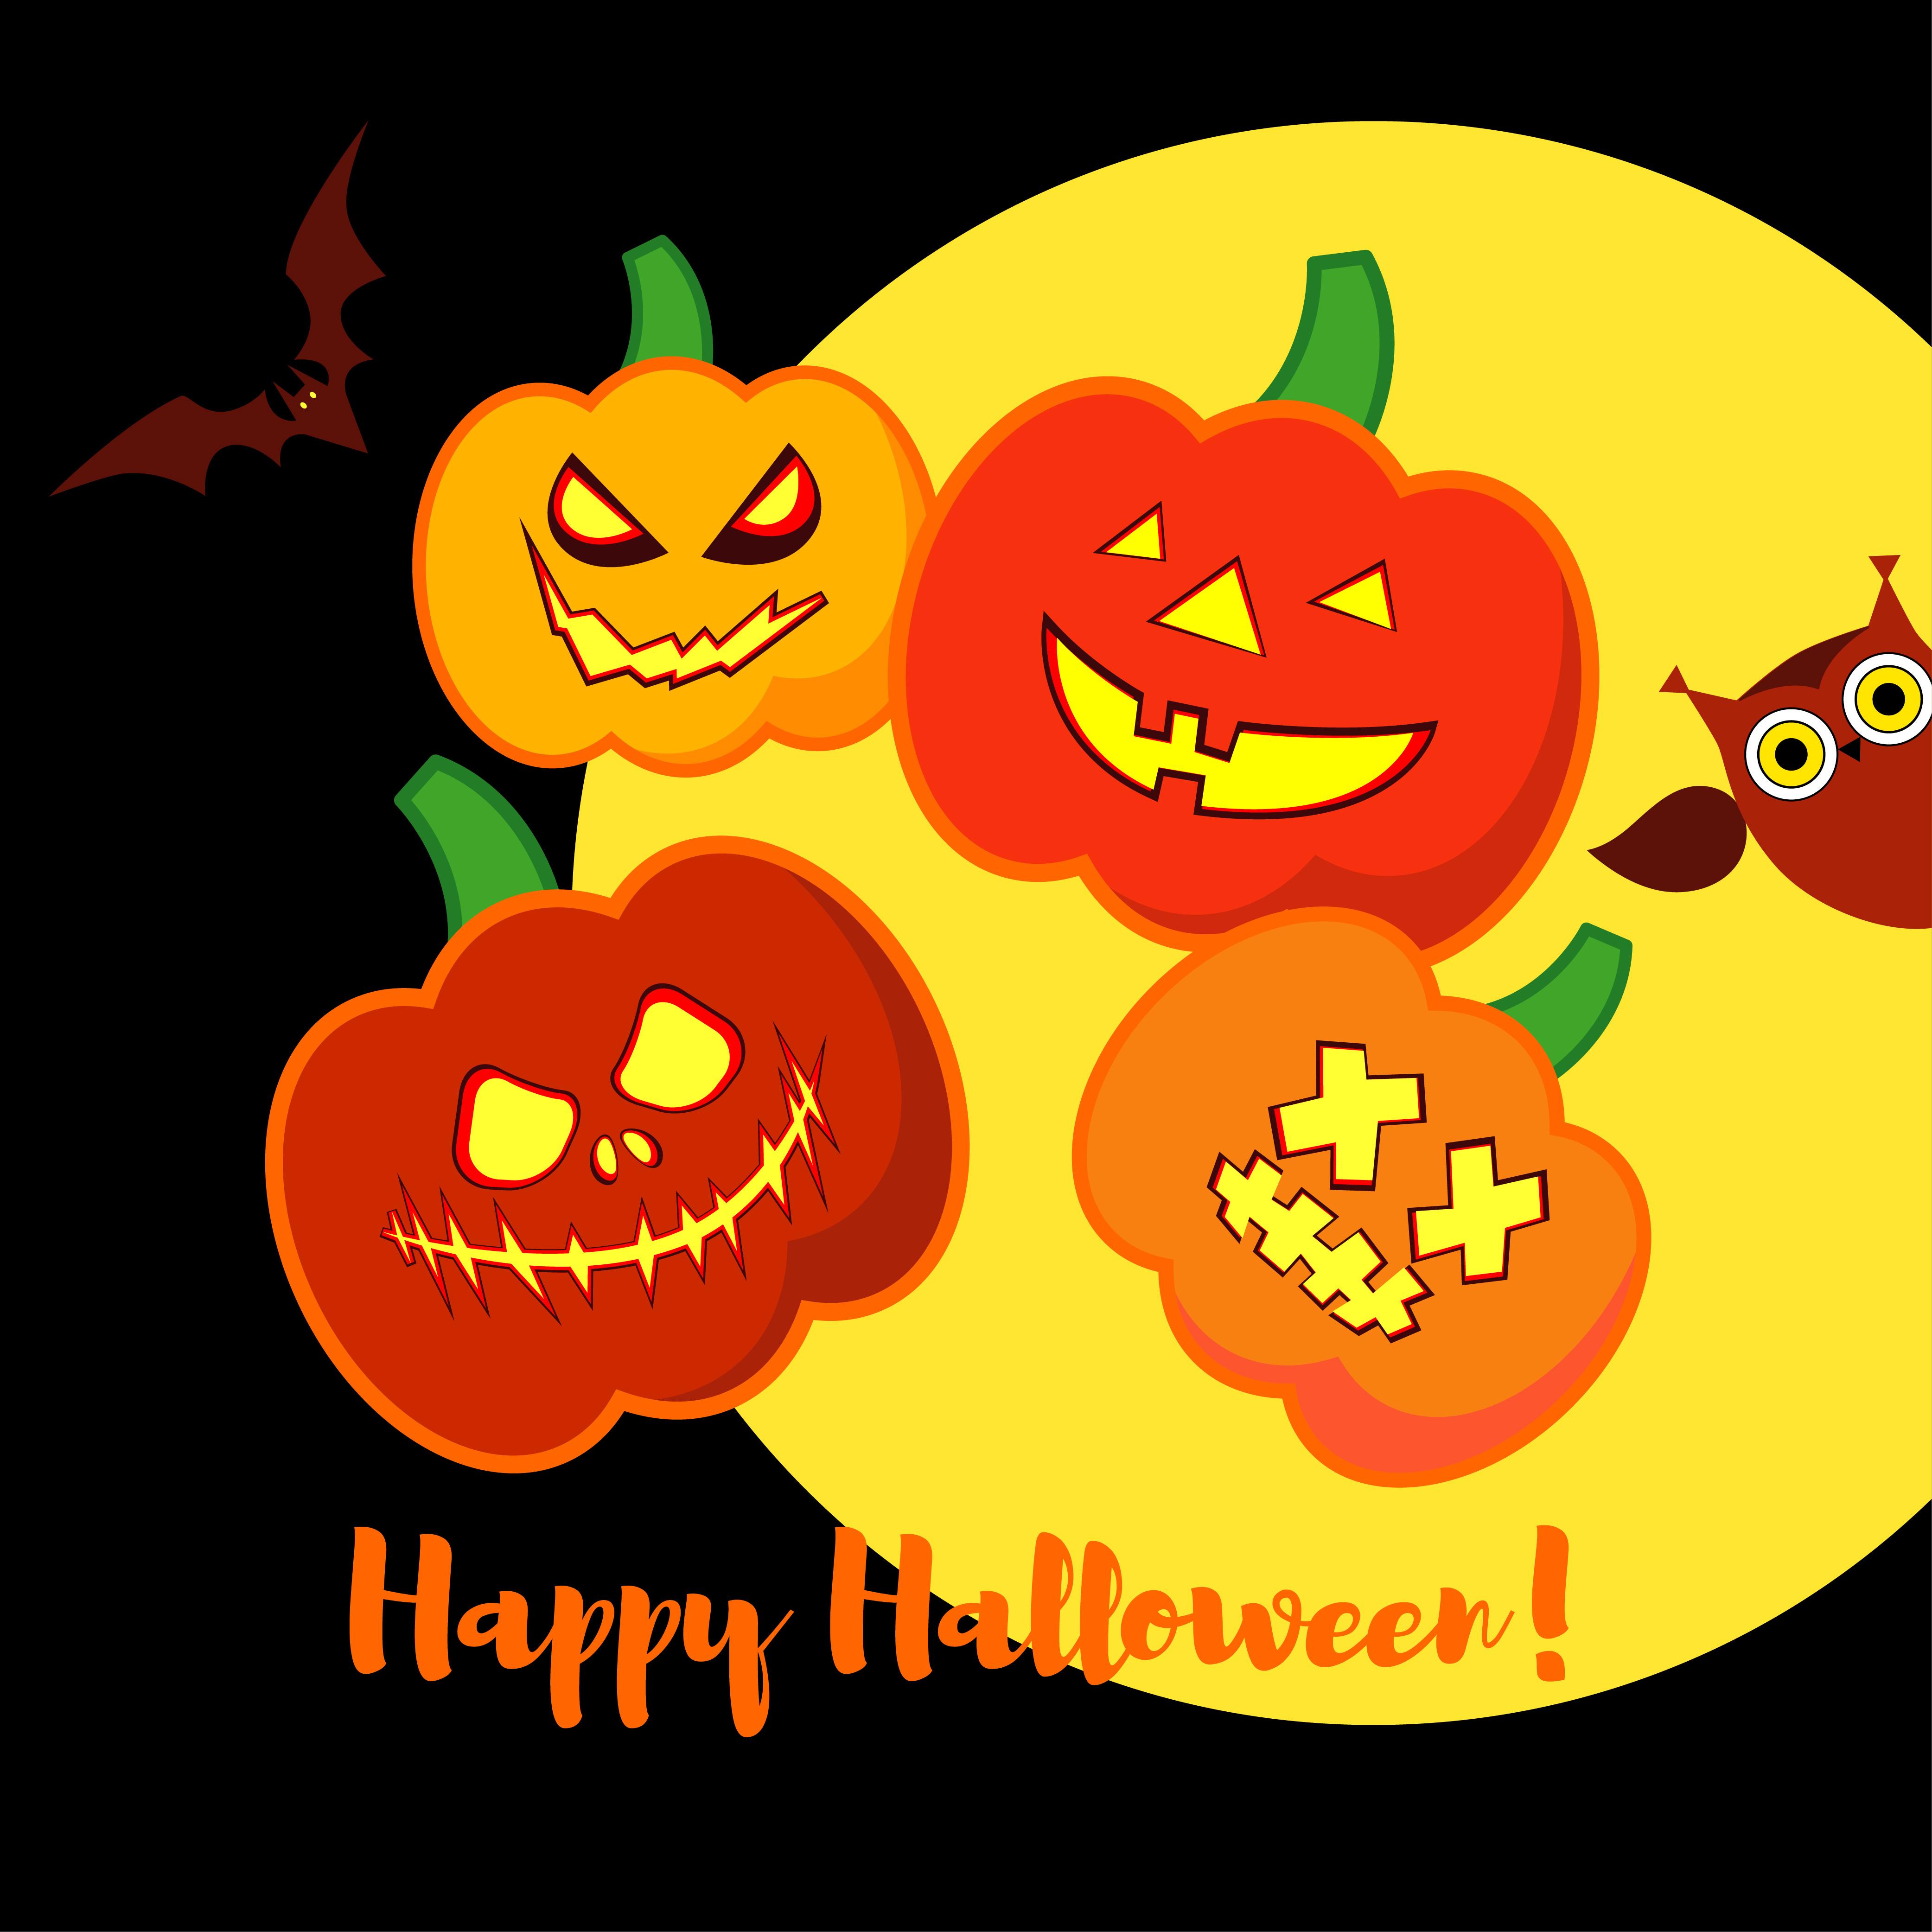 Poster Happy Halloween. Halloween pumpkins smile. example image 1